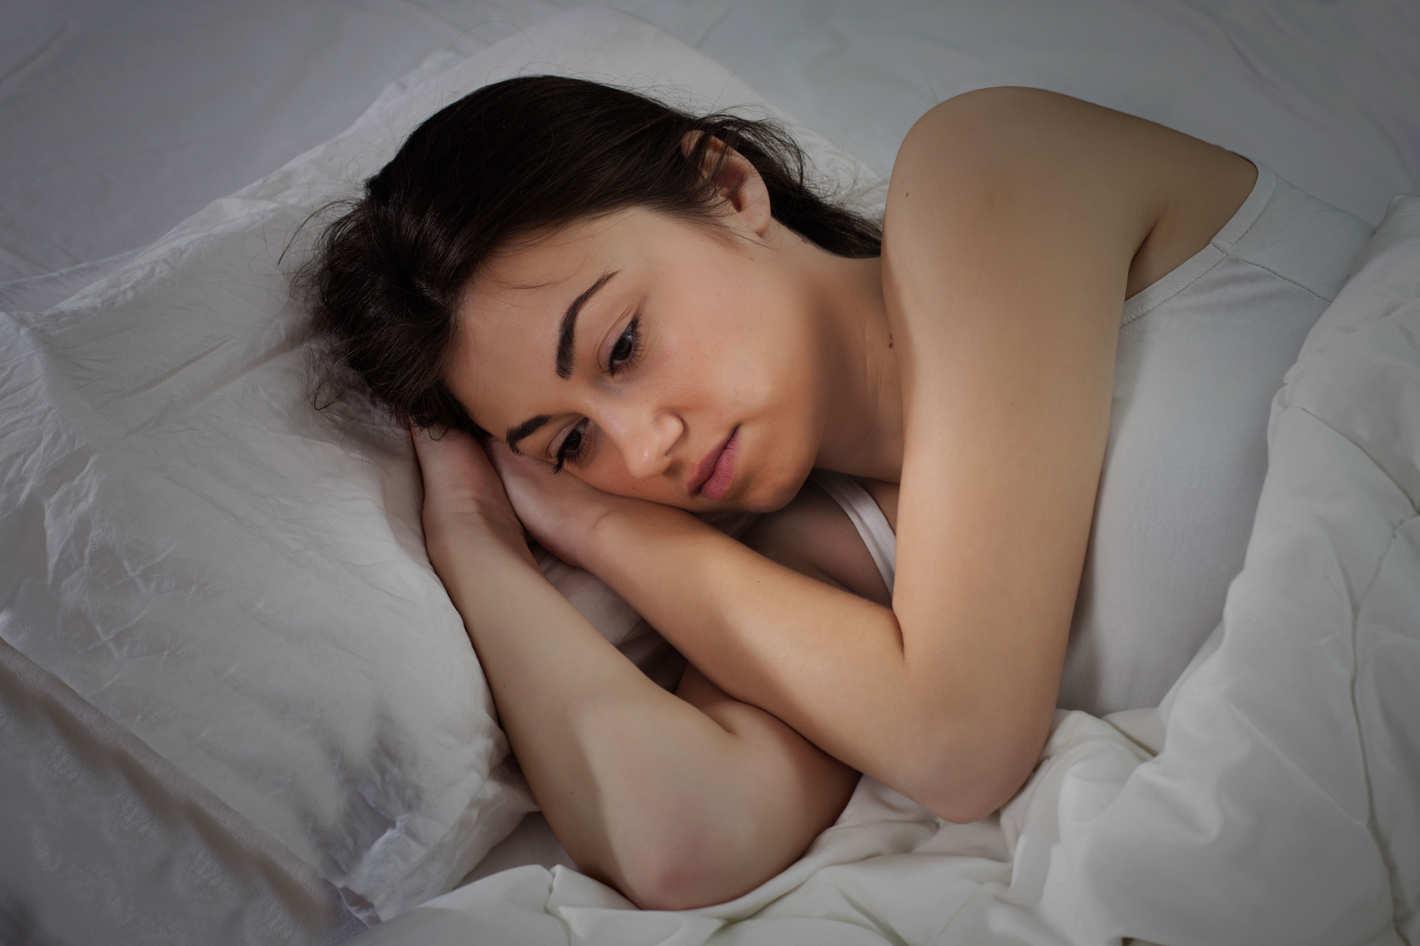 KISAH BENAR! Neraka Ciptaan Suami — Isteri Ini Dipaksa Buat